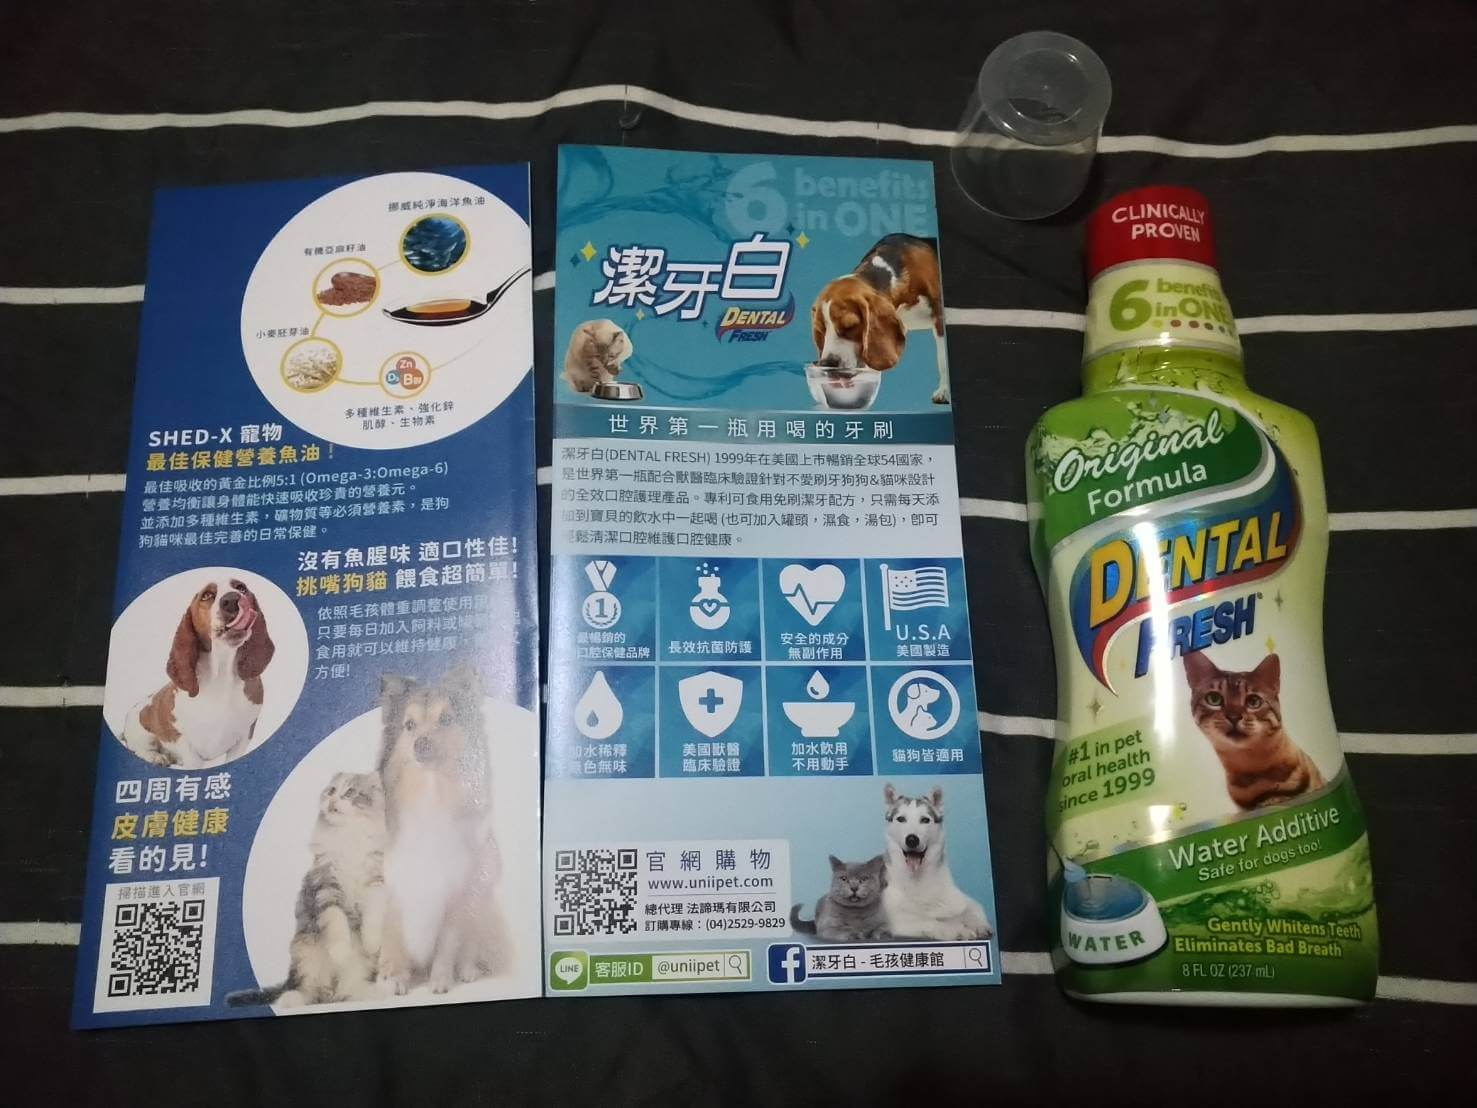 潔牙白潔牙水開箱-全產品